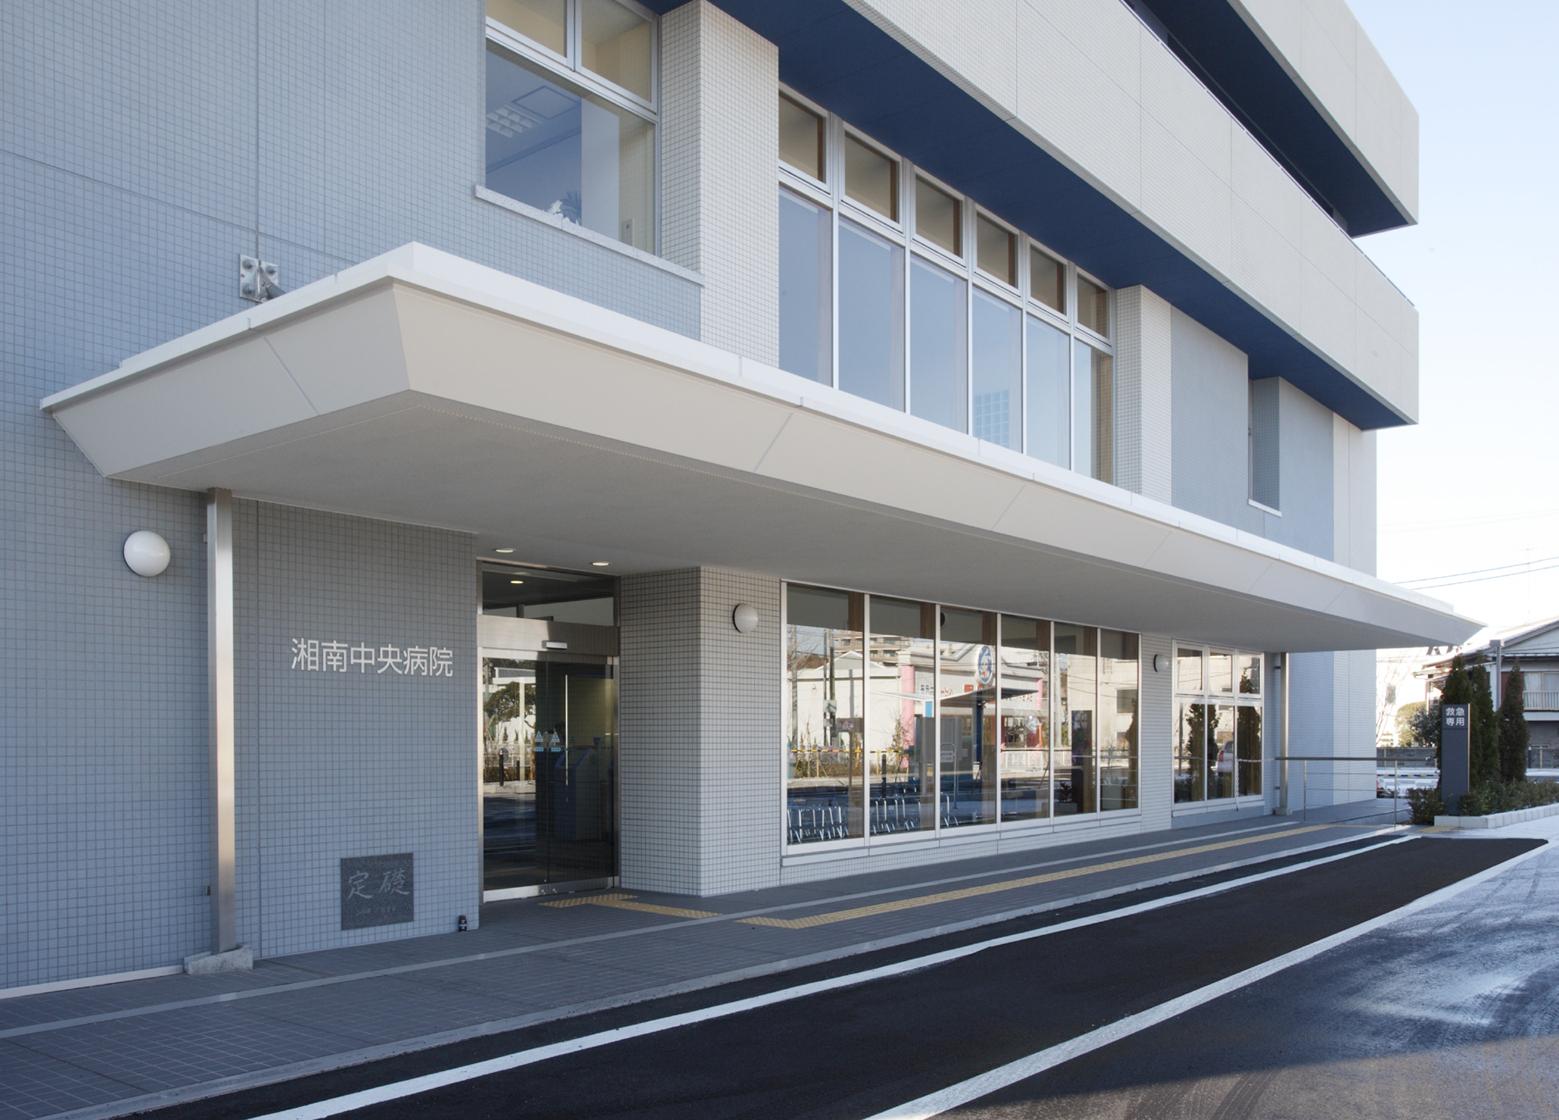 病院 湘南 中央